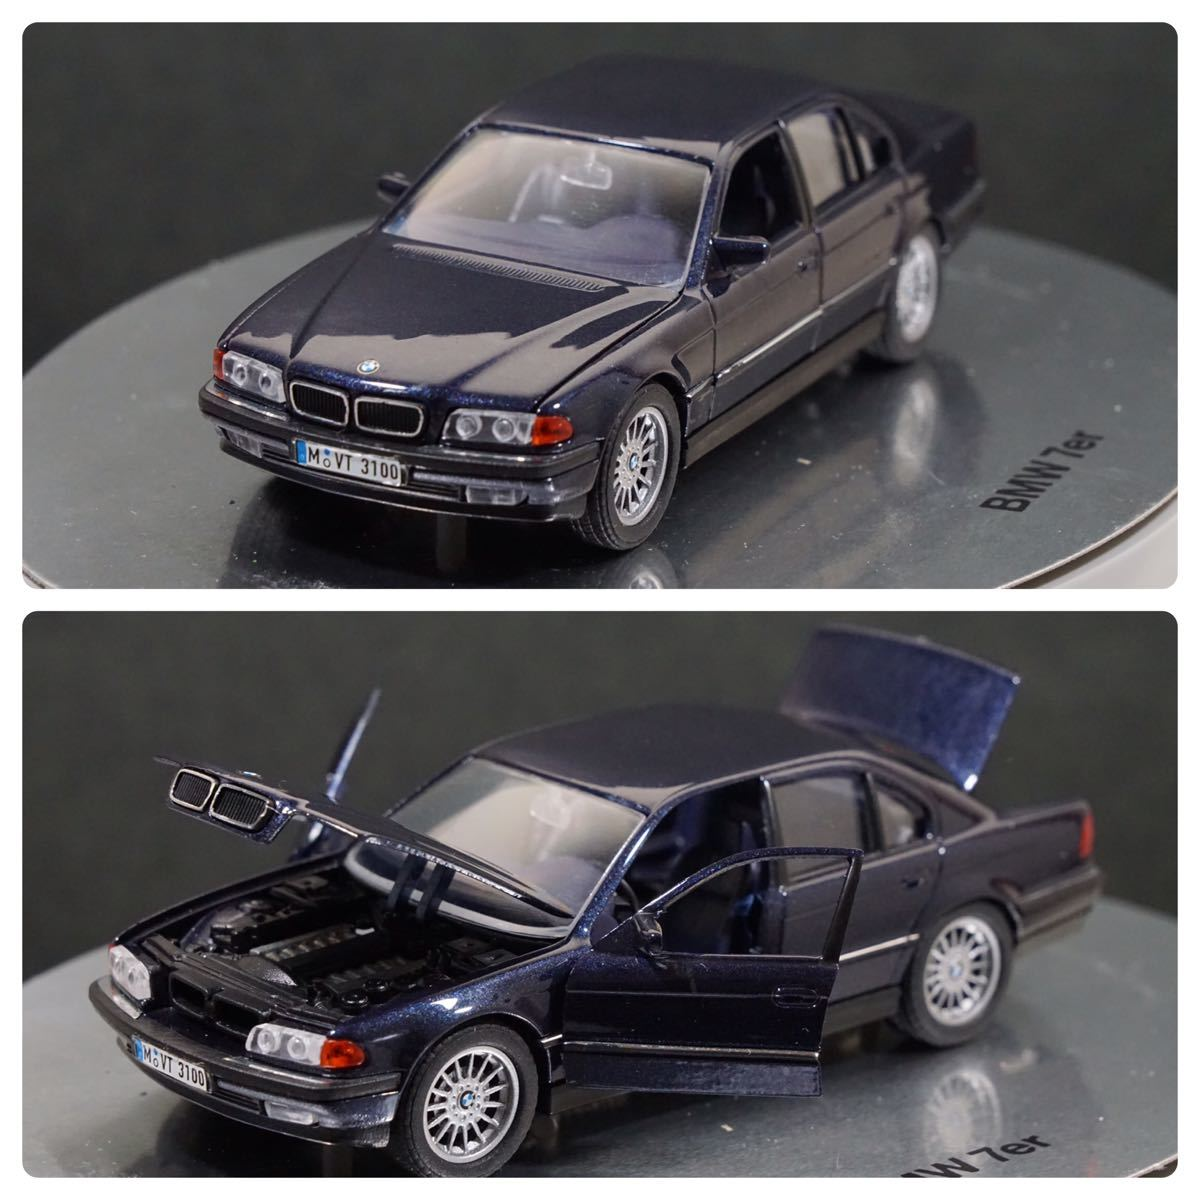 中古品 1/43 希少!BMWディーラー特注品!BMW 7er E38 7シリーズ ドア、ボンネット、トランク開閉 カタログナンバー80429422181